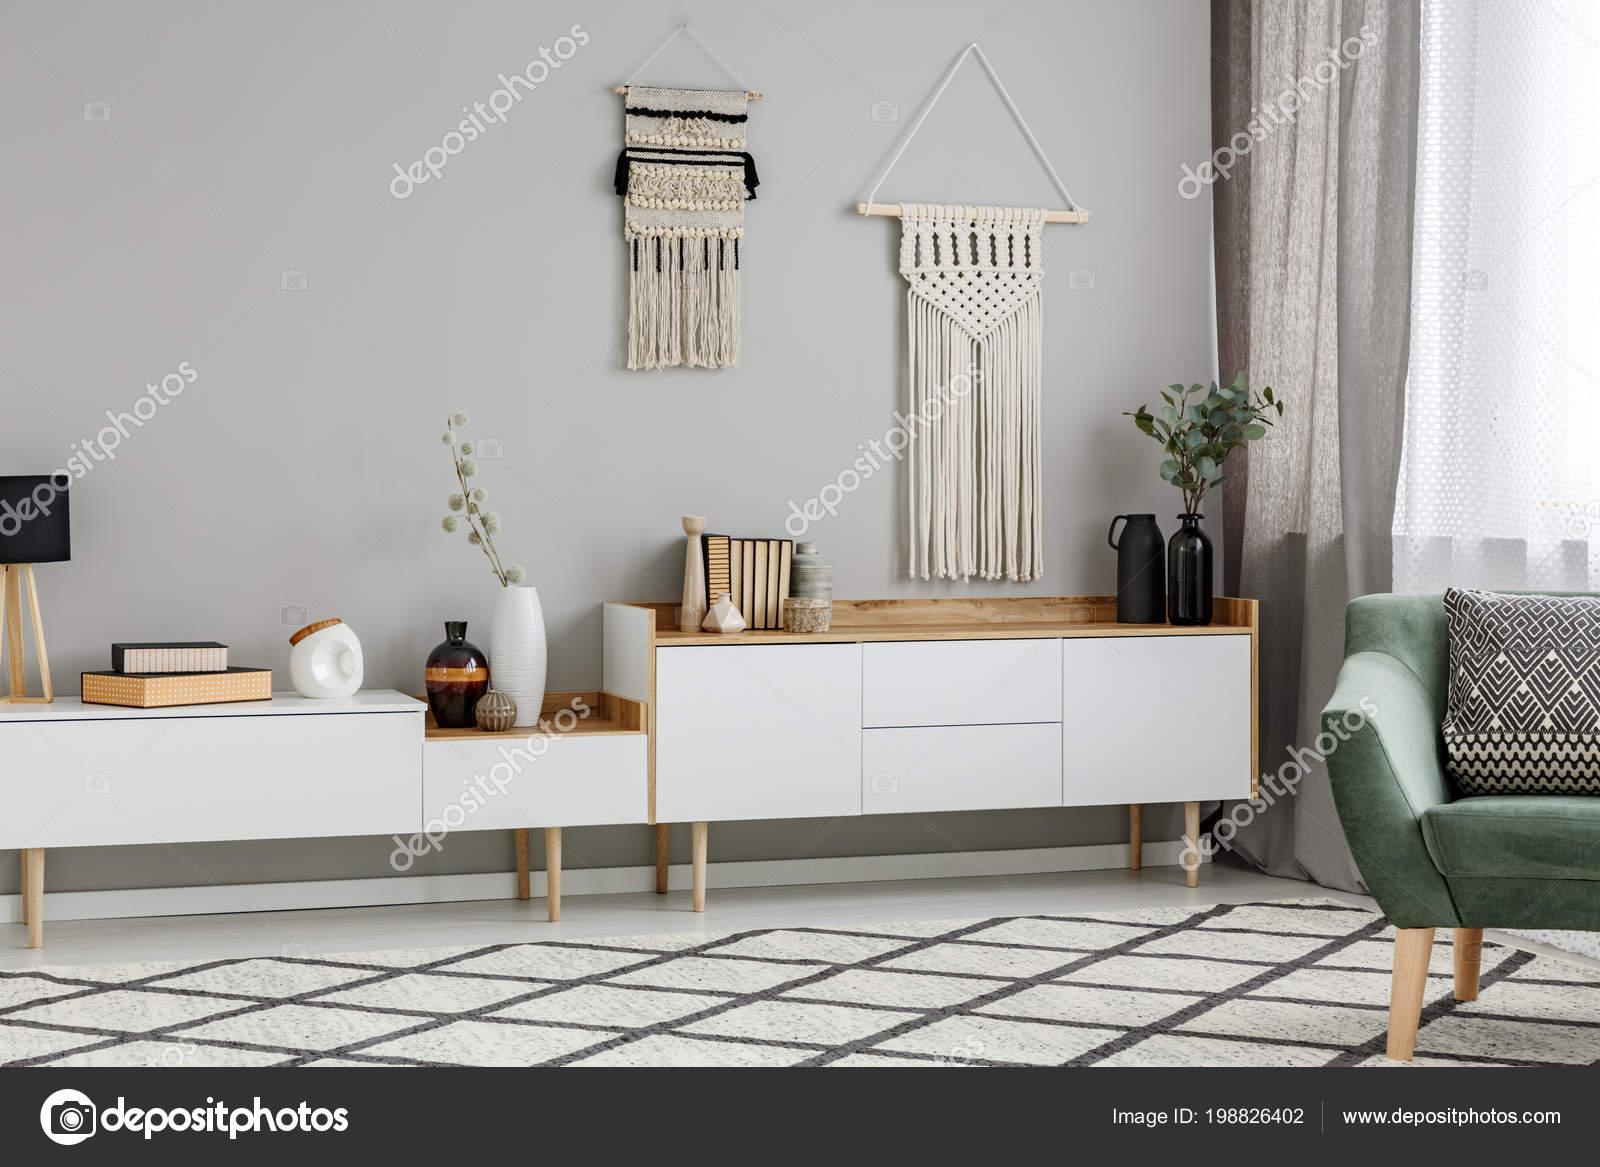 Diy Decor Muur Boven Witte Kast Woonkamer Interieur Met Groene ...